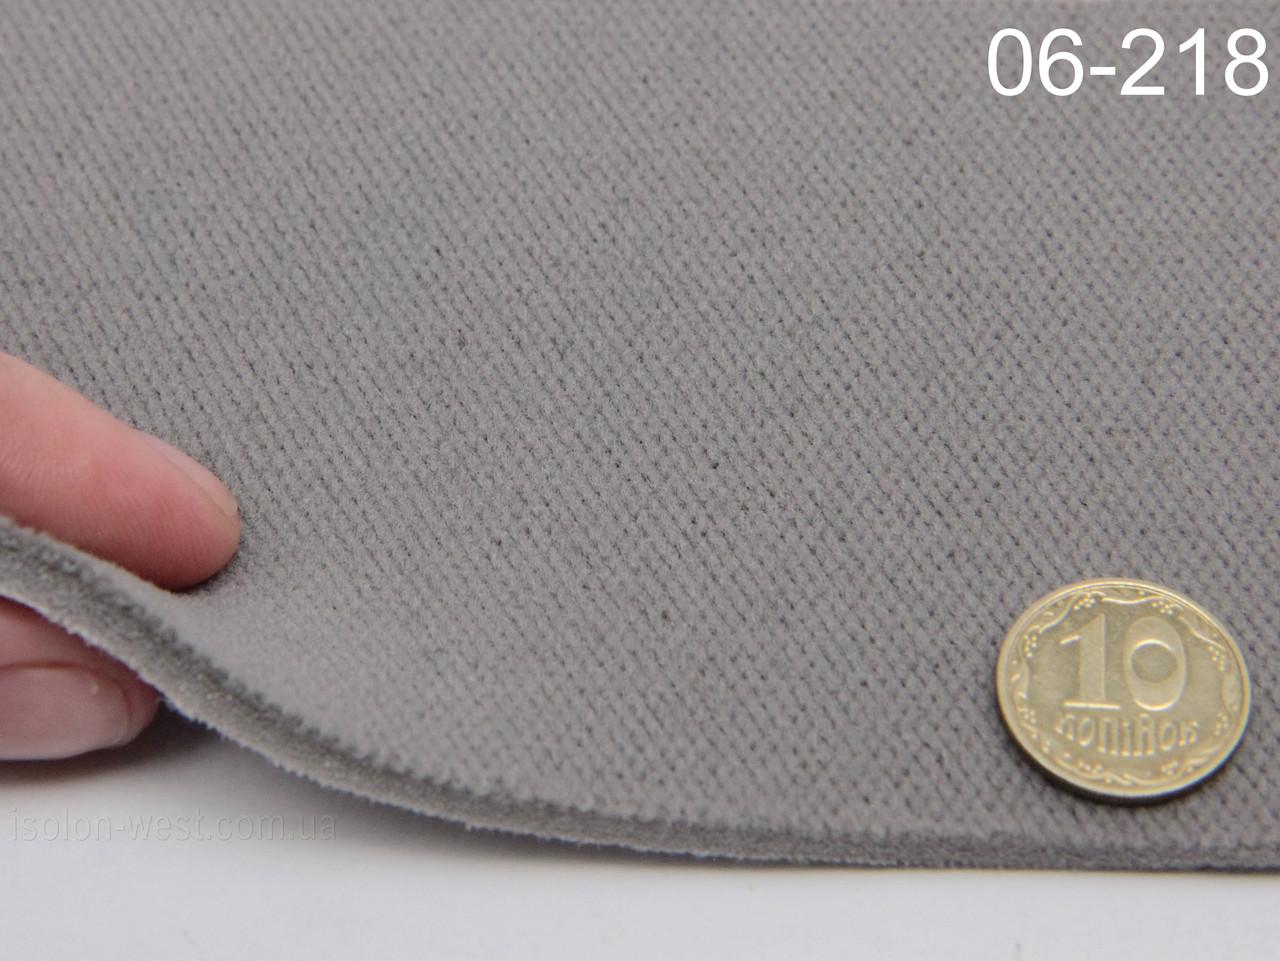 Ткань оригинальная потолочная, серая 06-218 на поролоне и сетке шир. 1.50м